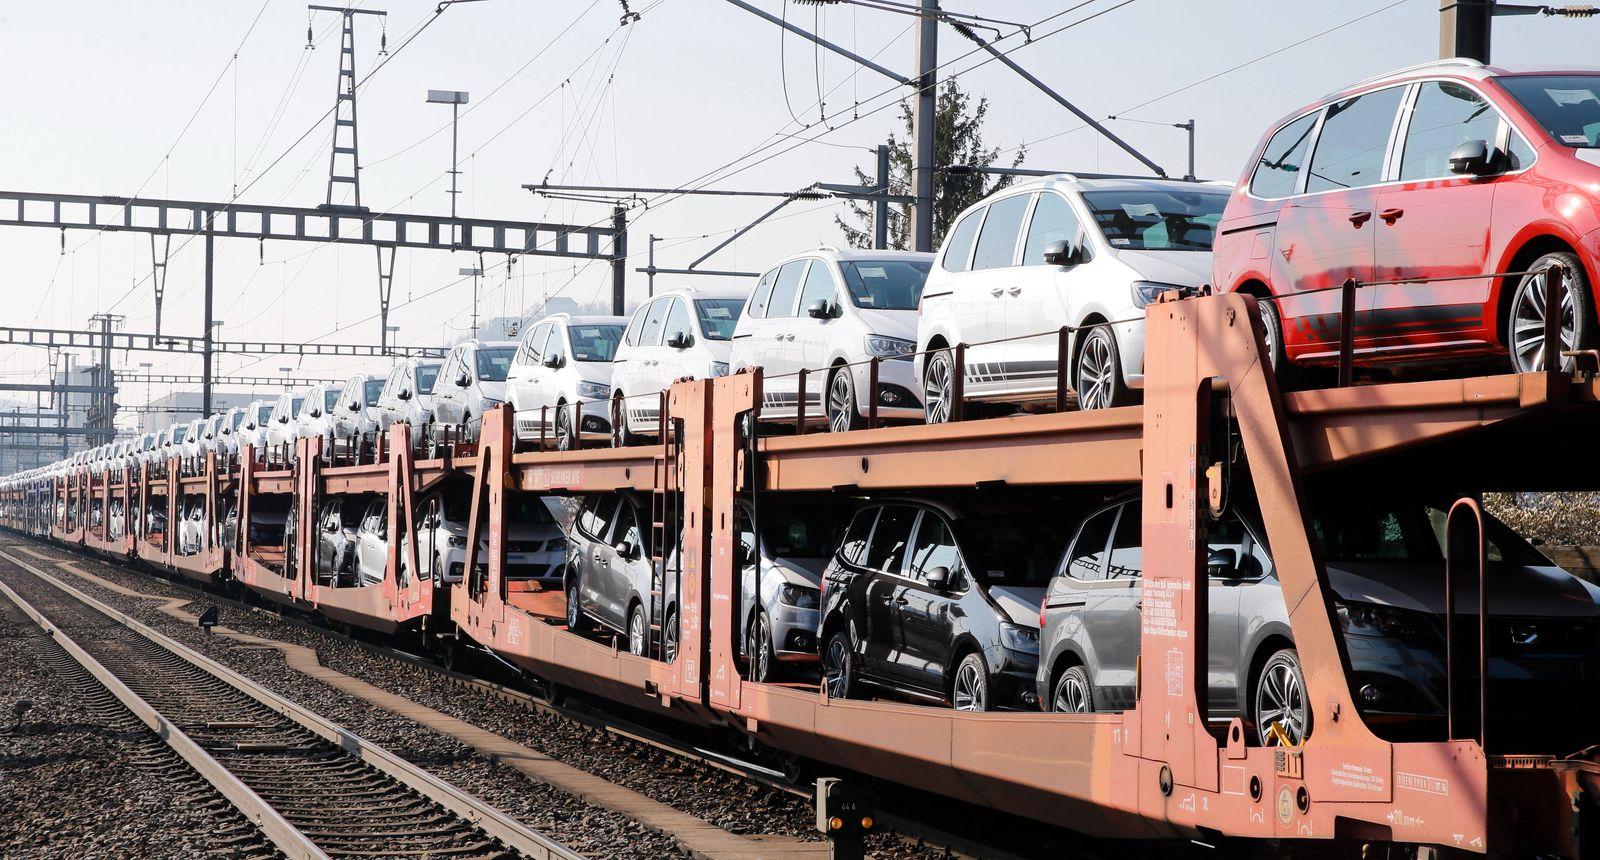 19.03.2020 Lupfig AG , SCHWEIZ , Autotransportzug mit neuen Autos der Marken SEAT und Volkswagen *** 19 03 2020 Lupfig